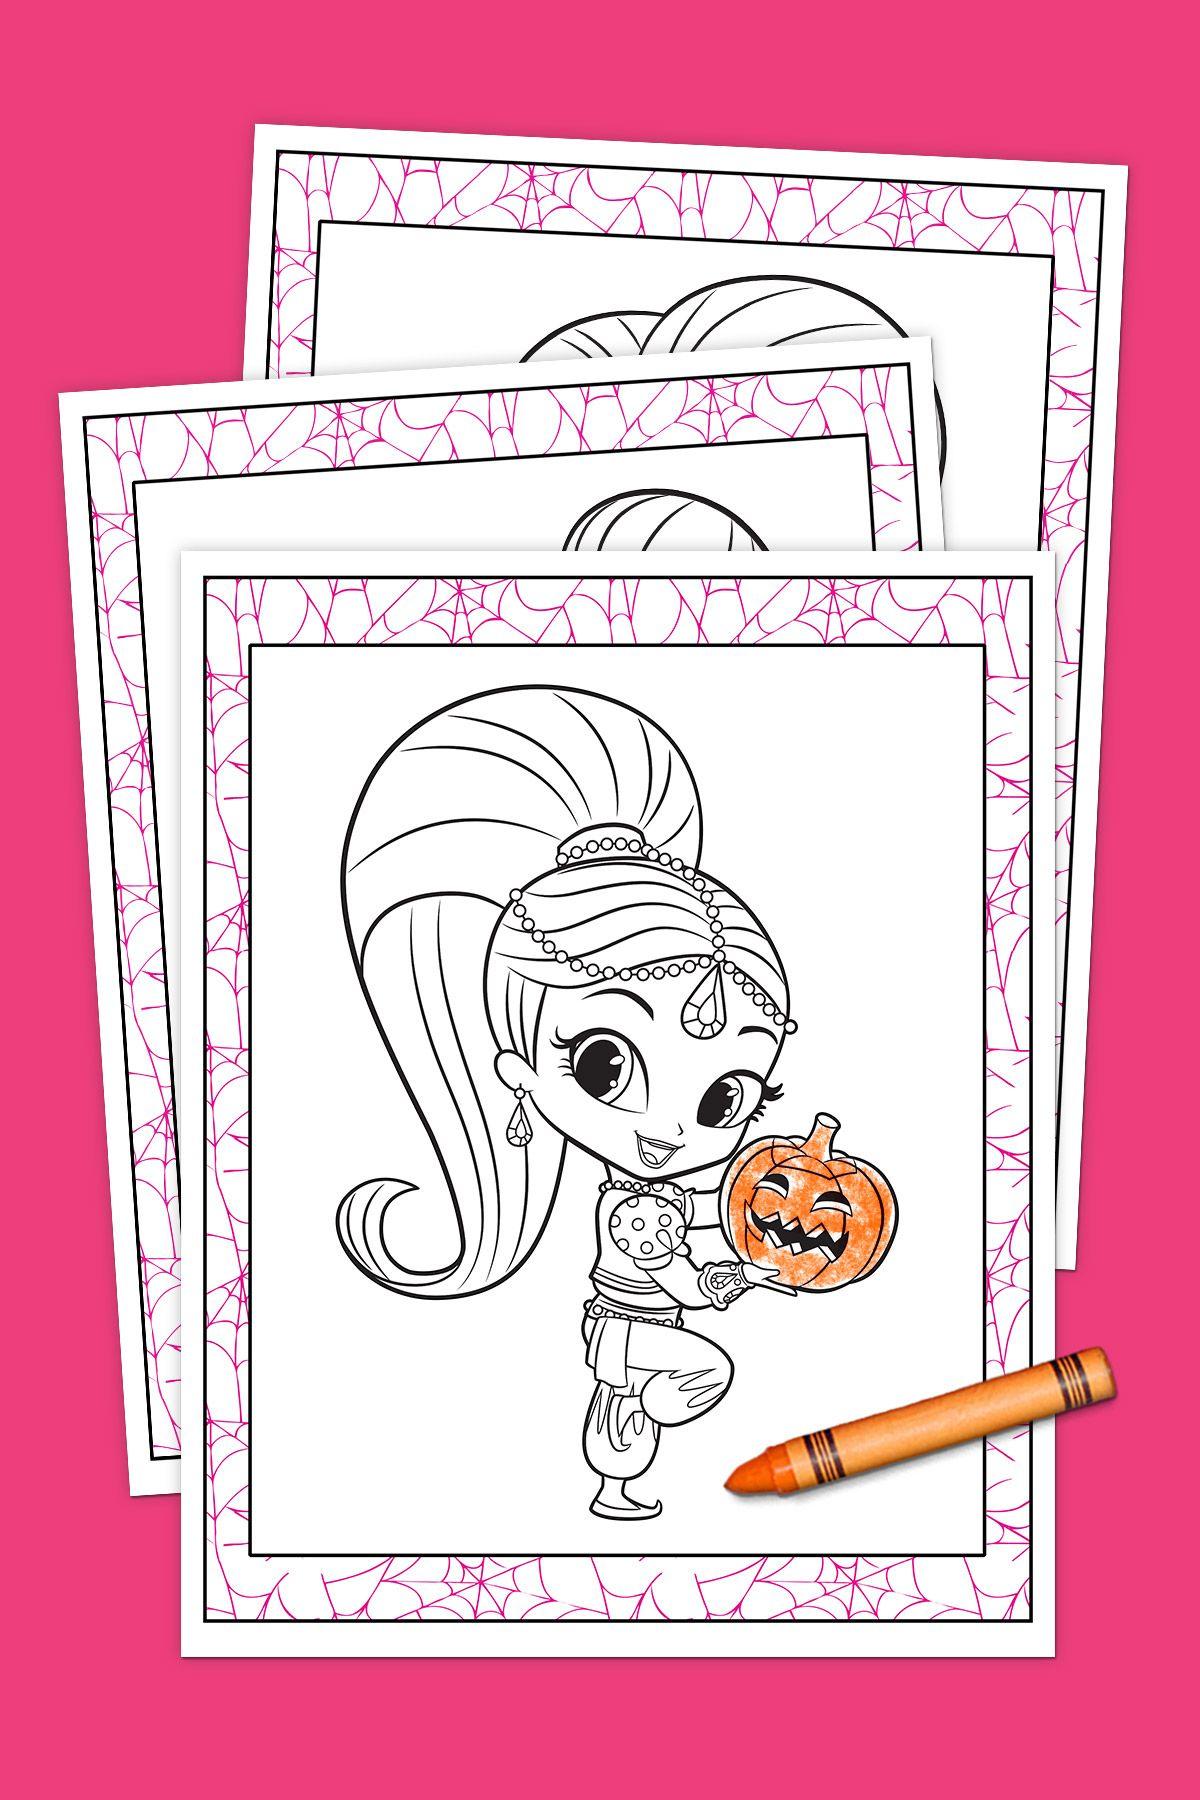 Berühmt Frei Bedruckbare Halloween Seiten Ideen - Druckbare ...